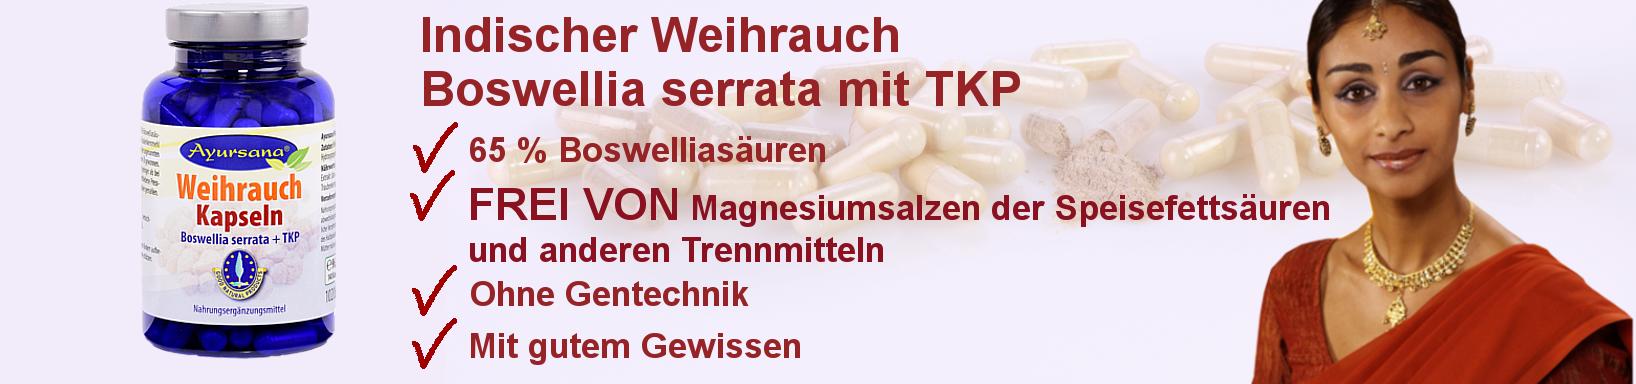 Banner-Weihrauch-Kapseln-TKP-04-2017-Unterkategorie58fd97404ba93